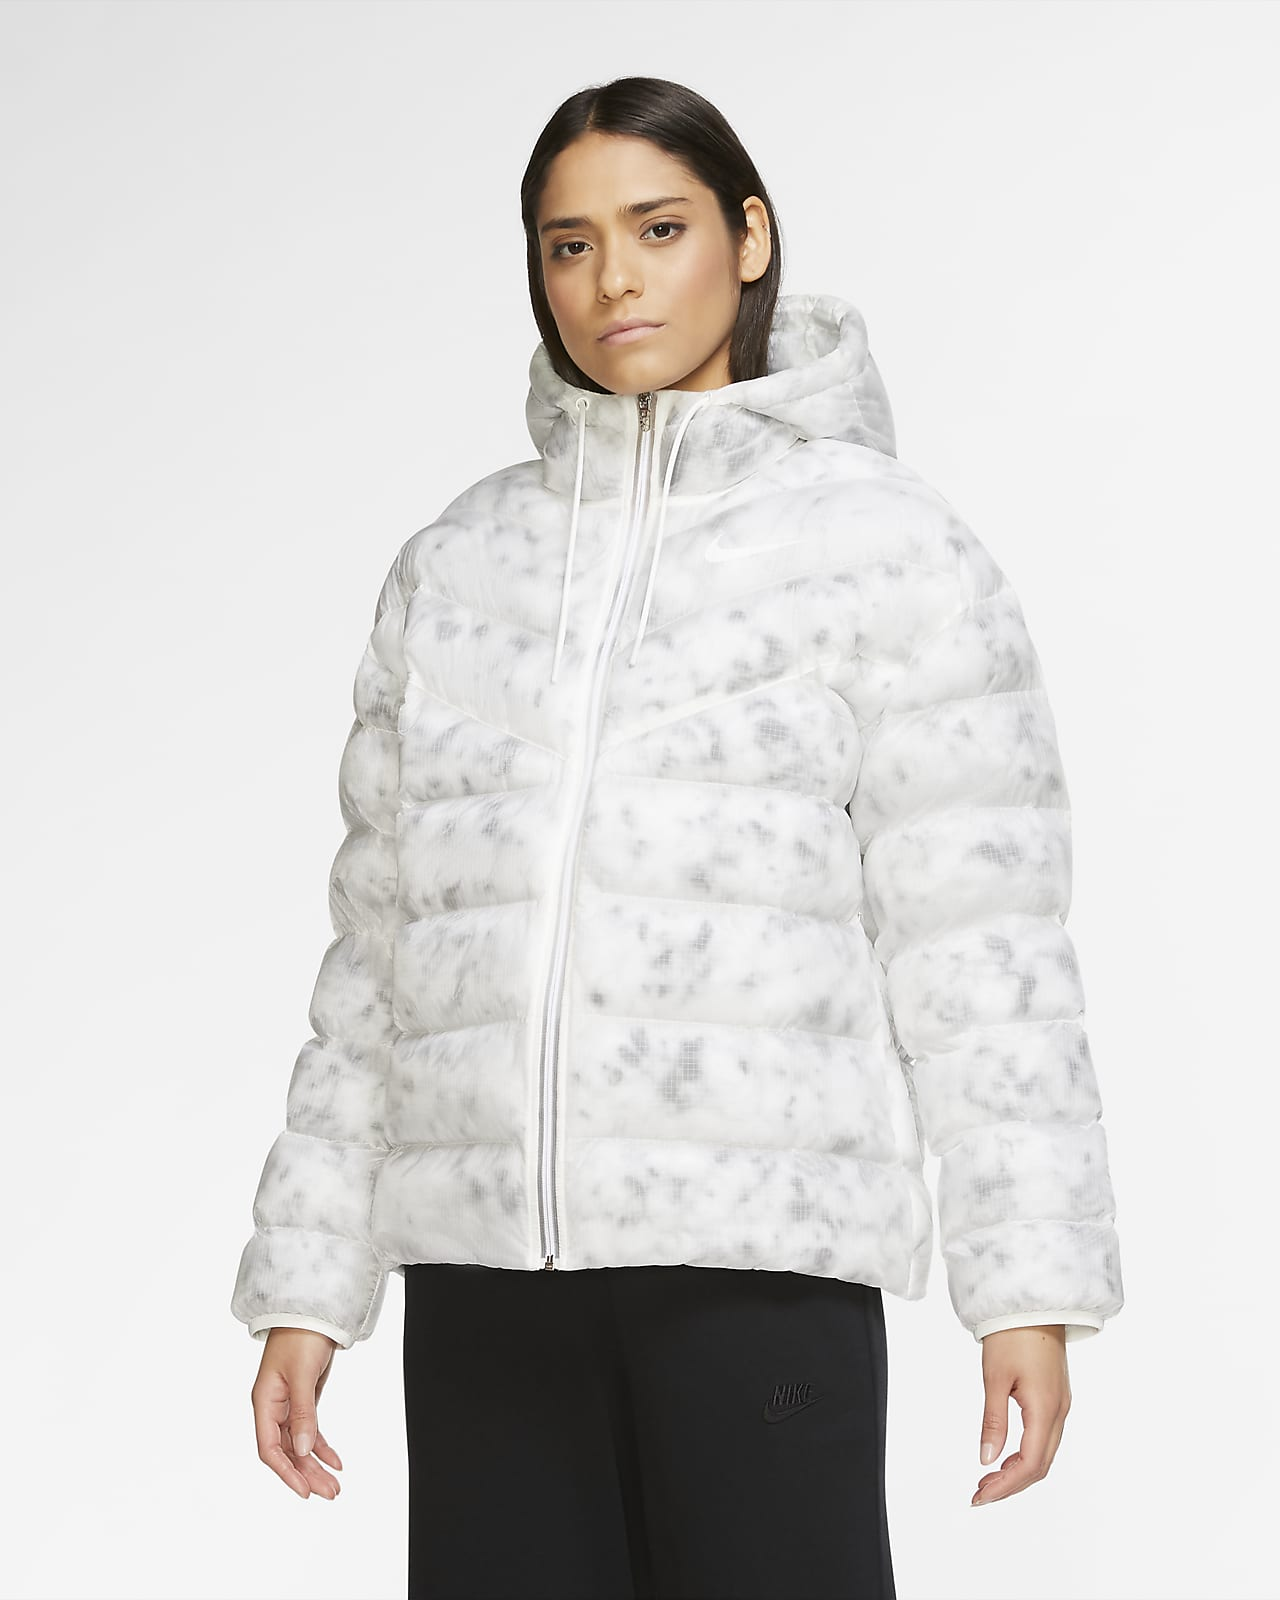 Nike Sportswear Women's Jacket